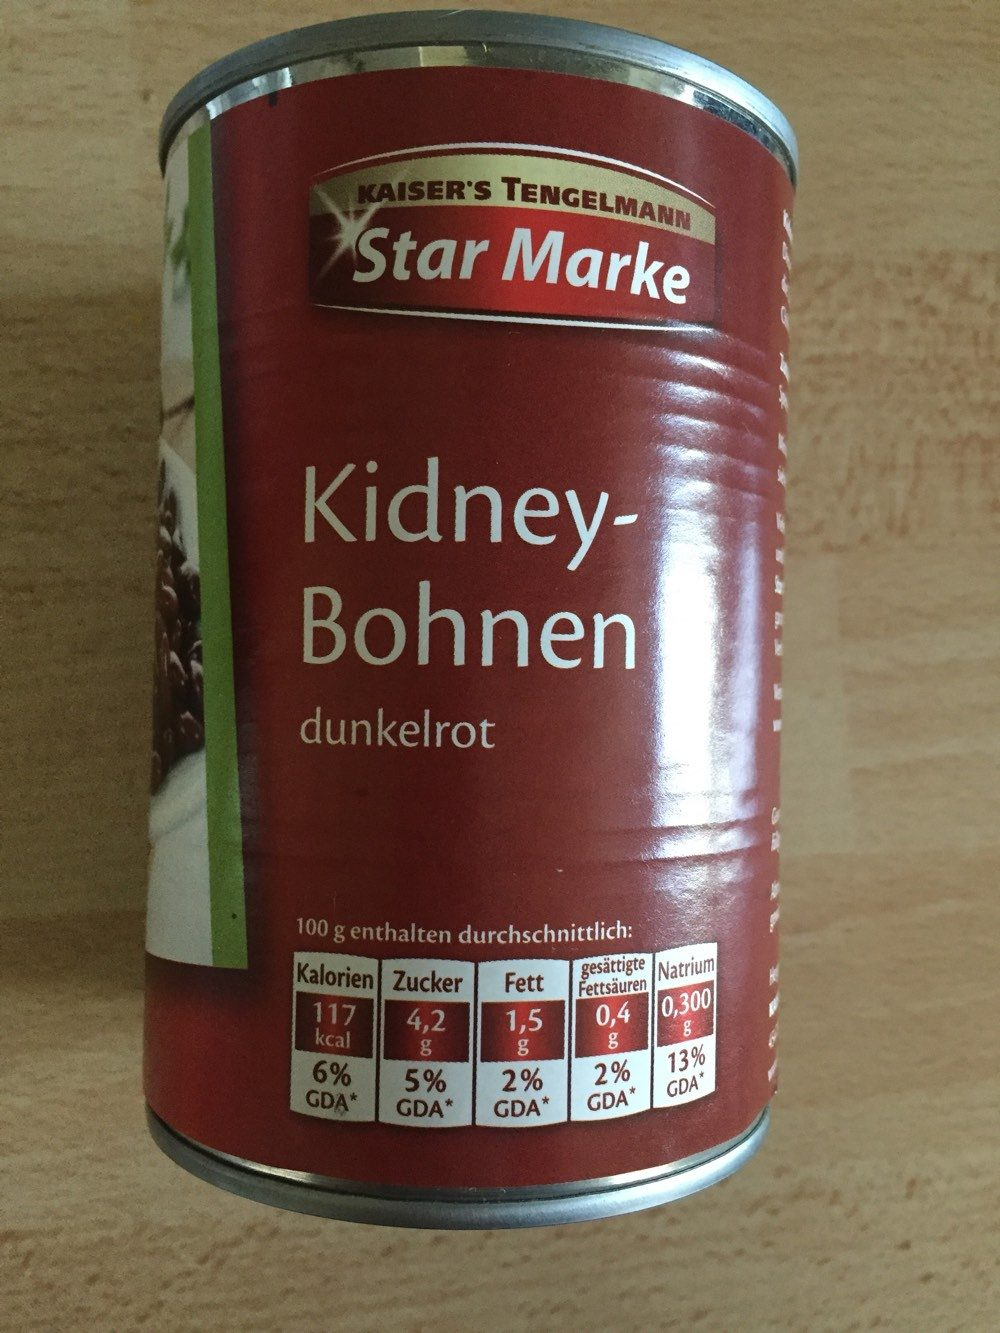 Kidney-Bohnen dunkelrot - Product